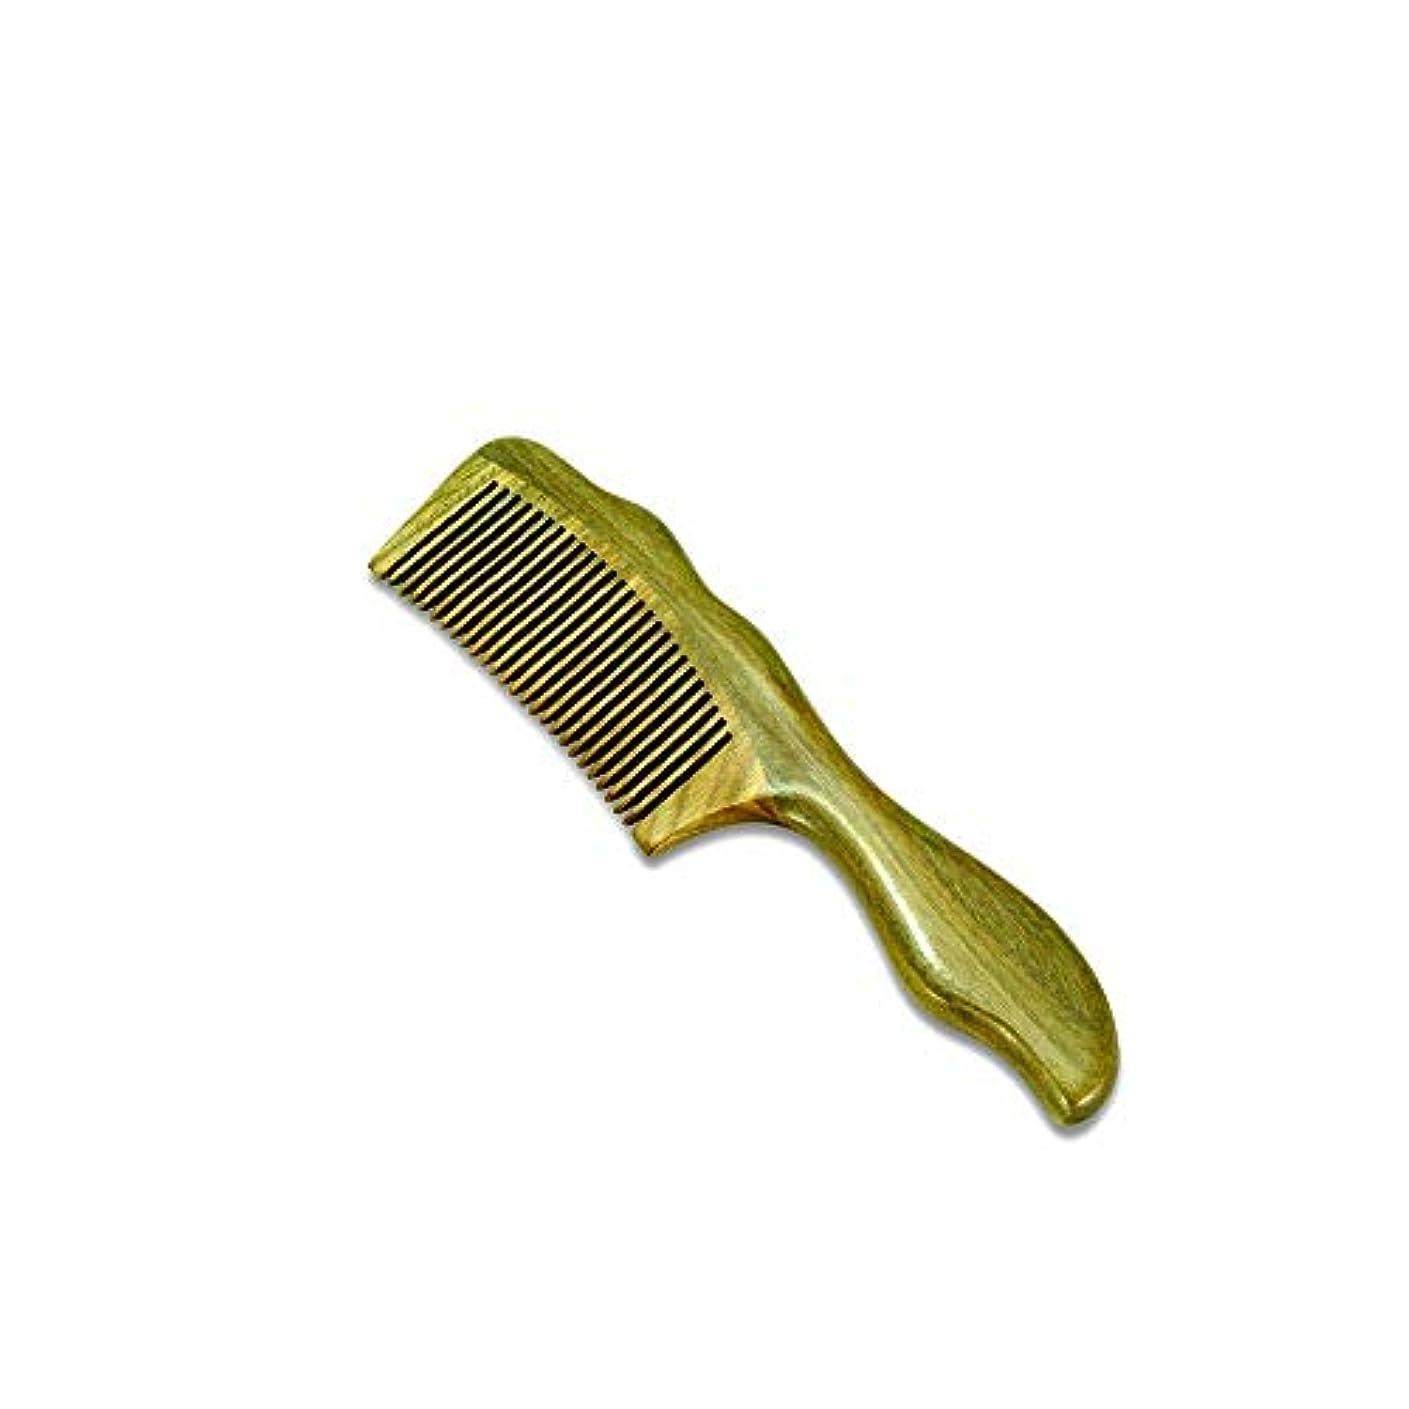 説得エンドウピッチWASAIO ナチュラルグリーンサンダルウッド櫛手作りの木製抗静的カーリーストレートヘアブラシブラシ波状の滑らかなハンドル帯電防止